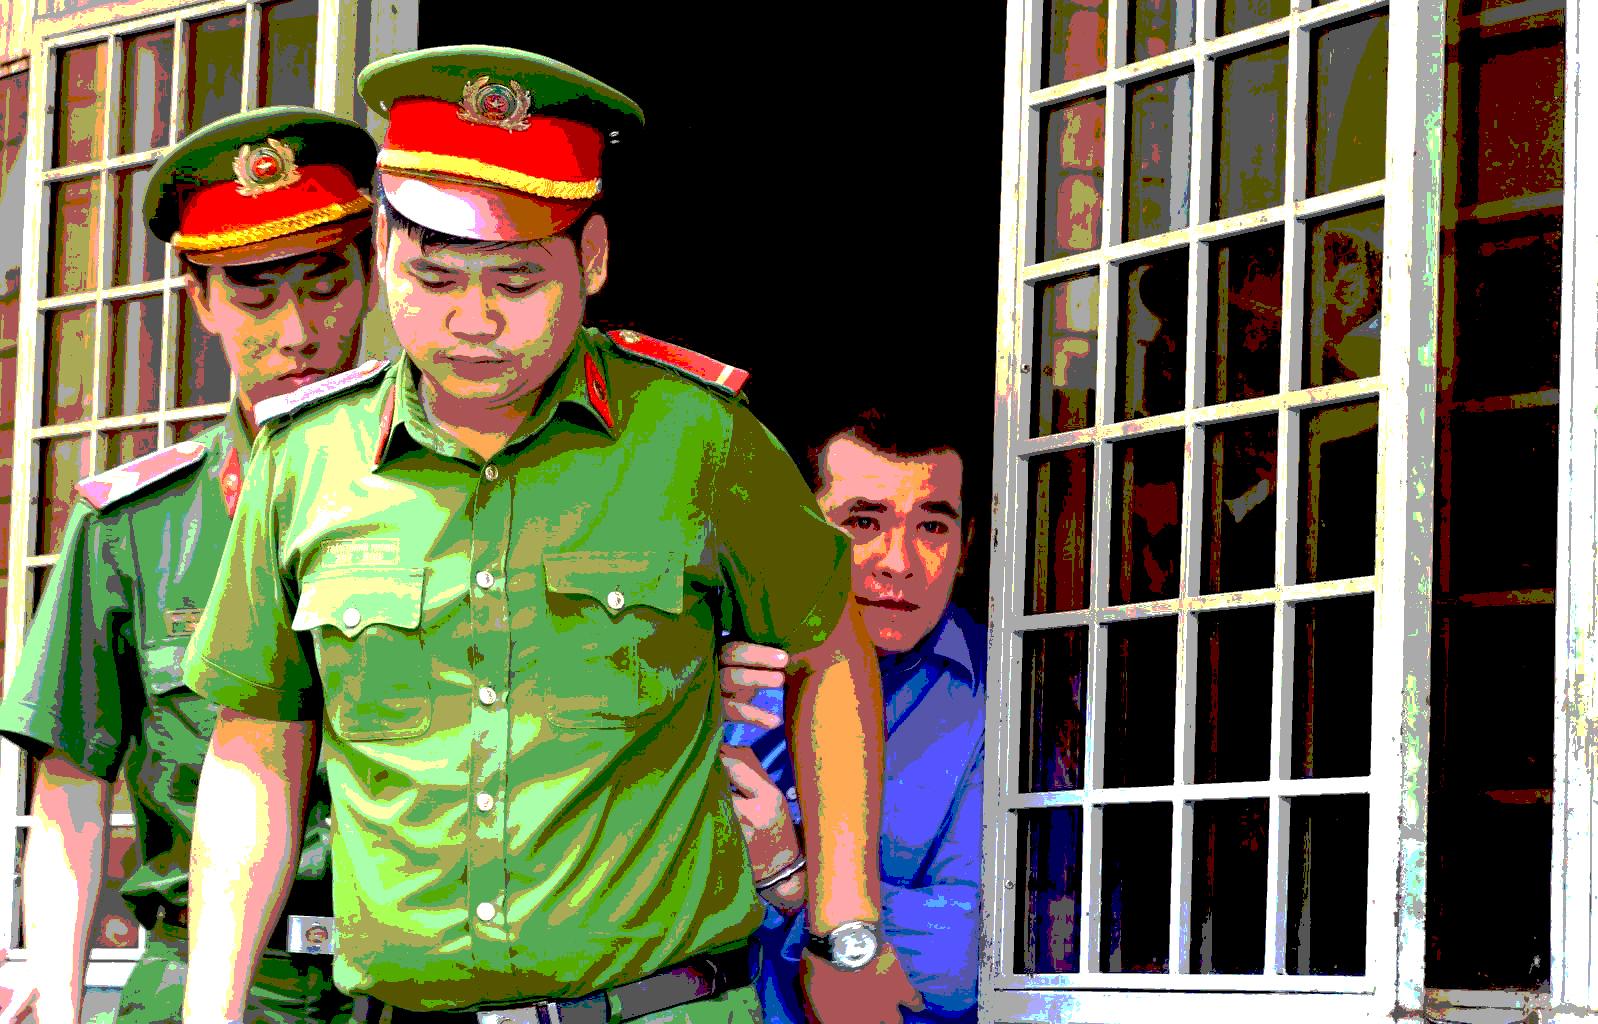 Thảm án ngoại tình: Con gái khóc nức nở xin tòa tha chết cho hung thủ đoạt mạng mẹ mình  - Ảnh 2